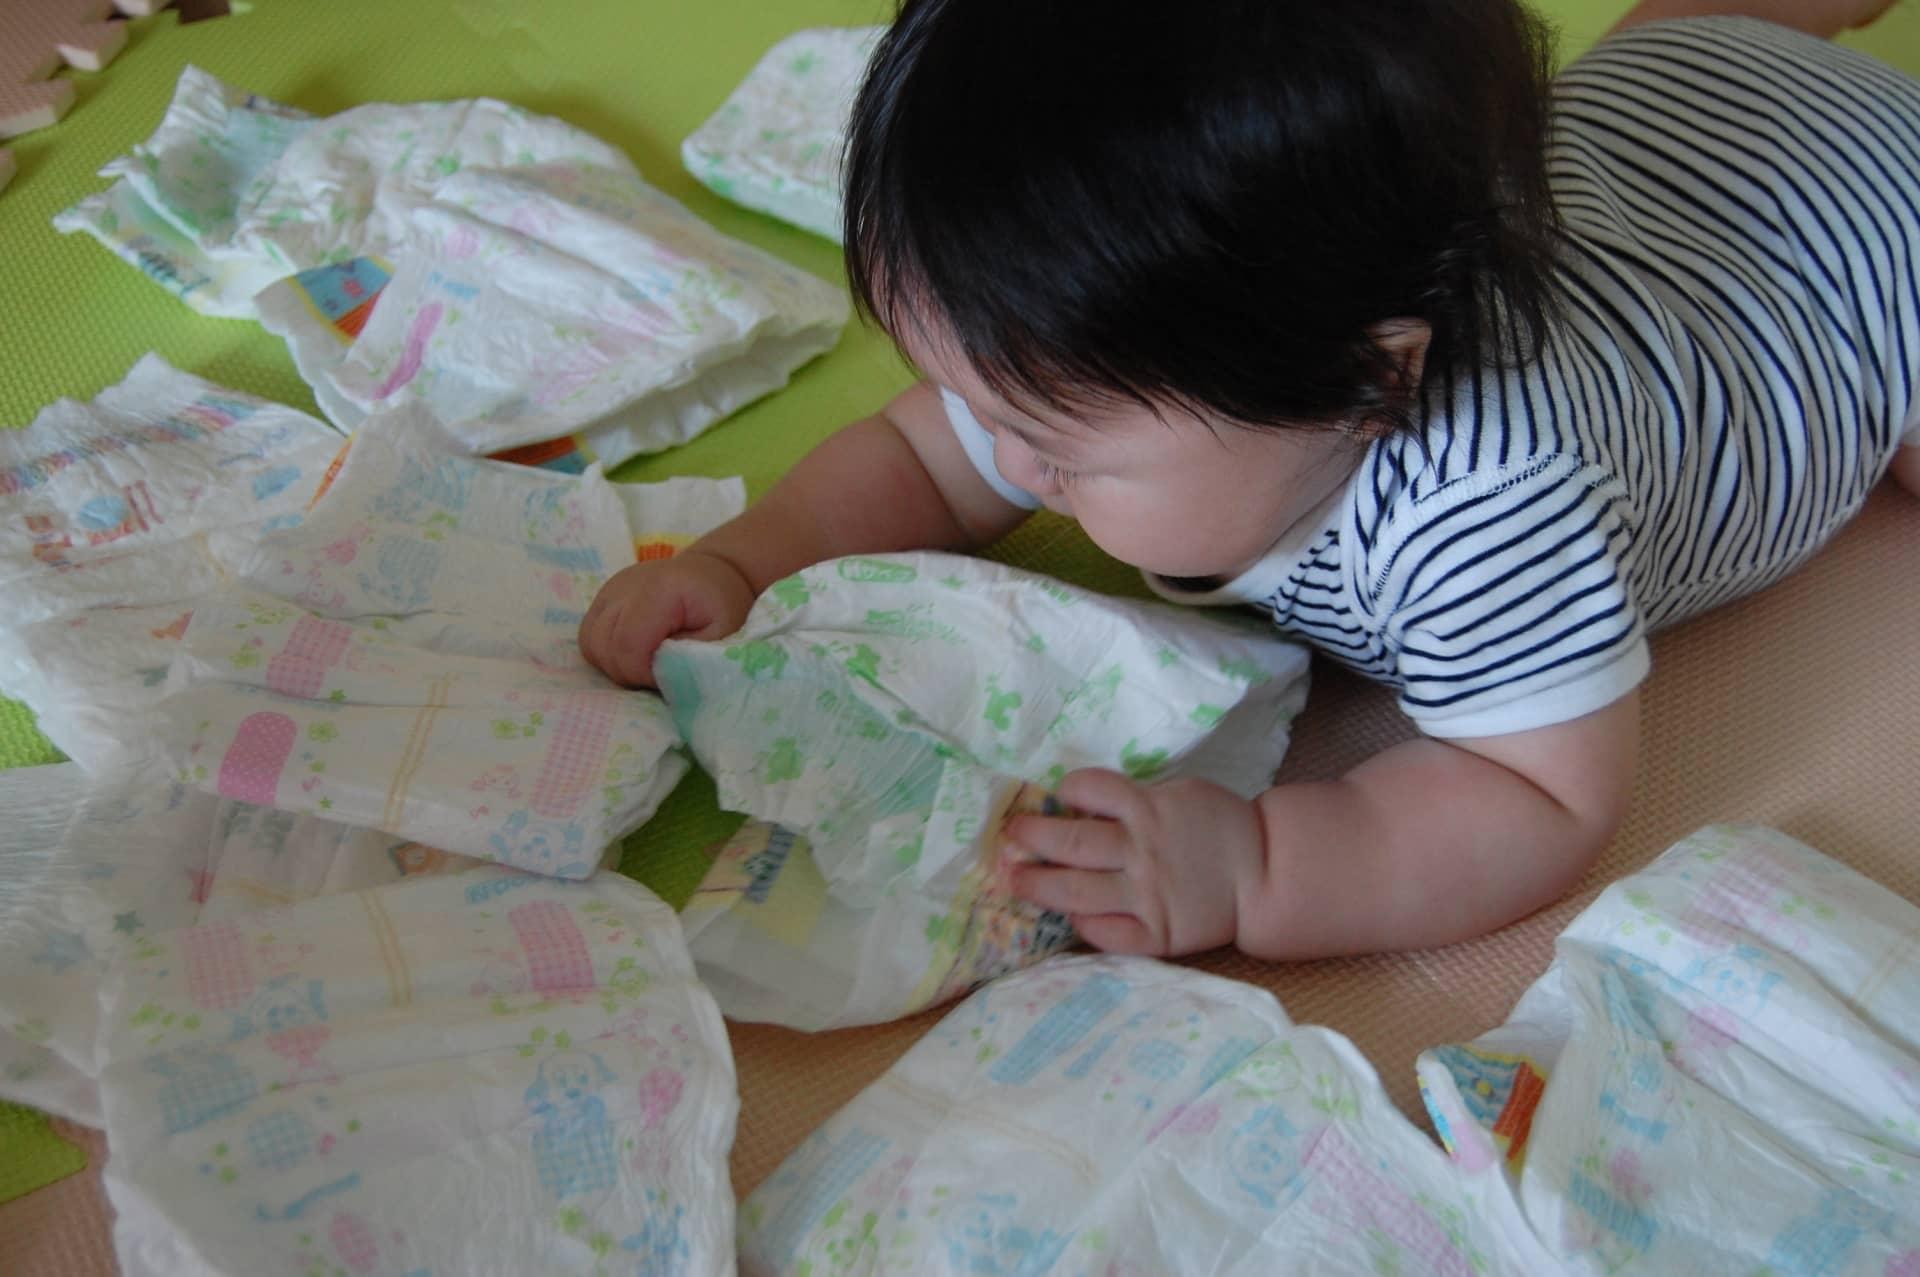 おむつを眺める赤ちゃん